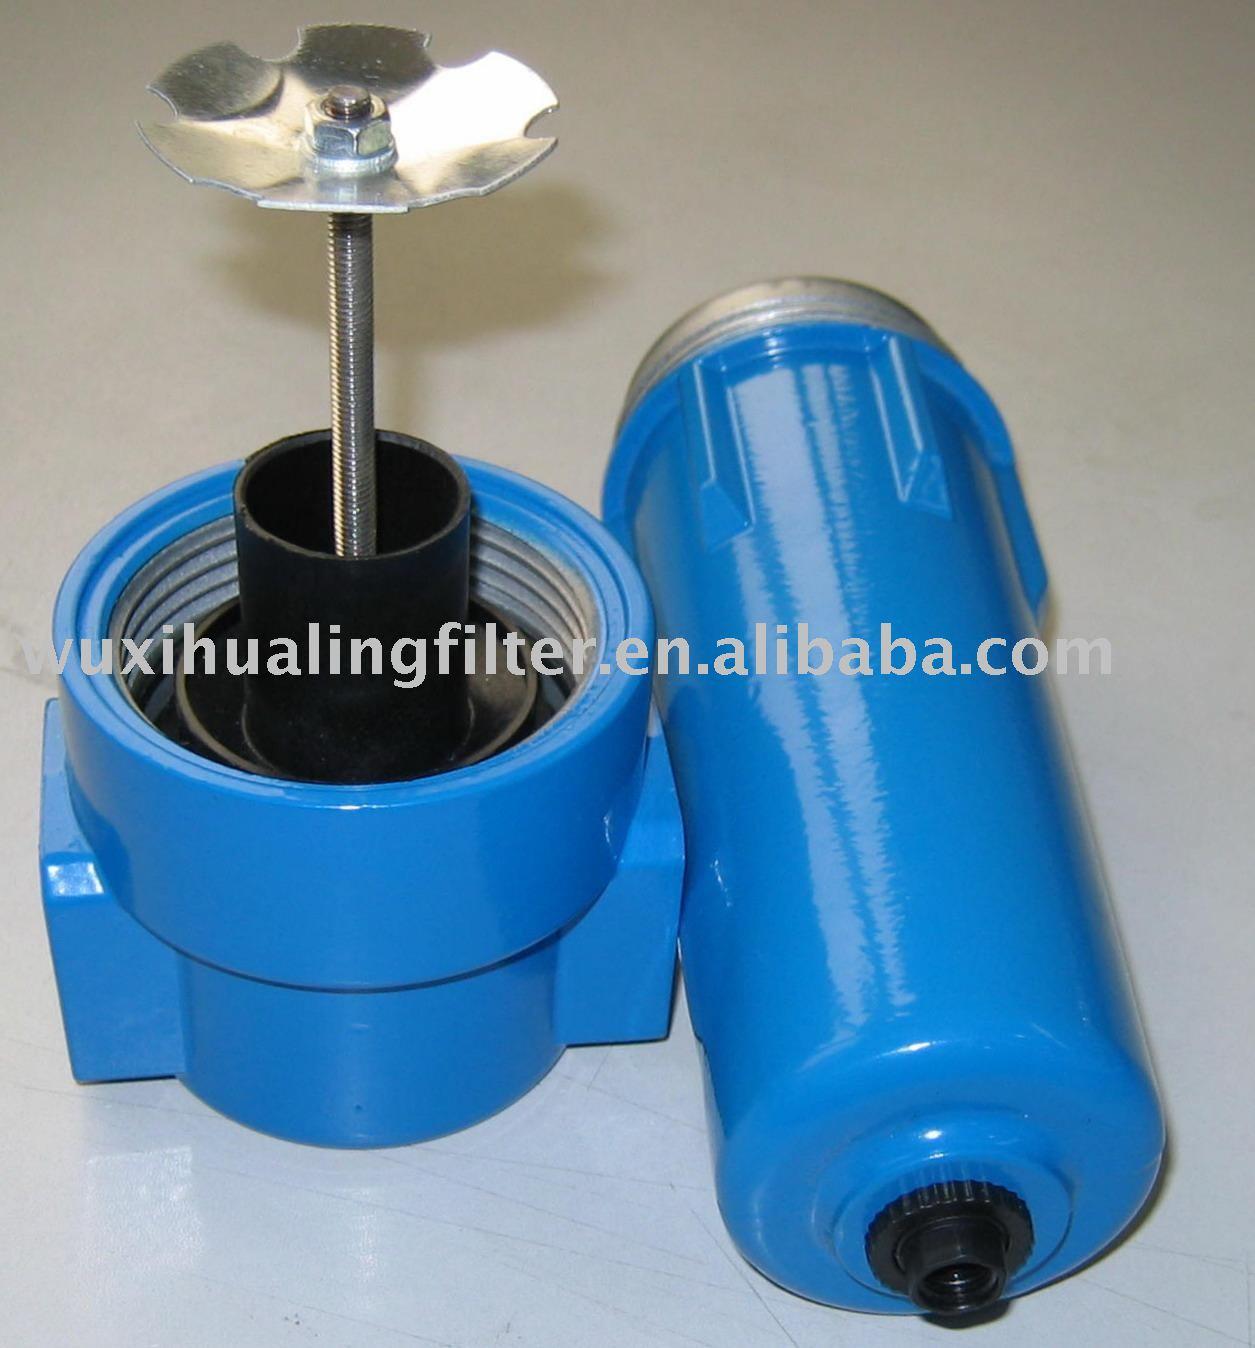 qs series centrifuge s parateur d 39 eau pour compresseur d 39 air pi ces de compresseur d 39 air id de. Black Bedroom Furniture Sets. Home Design Ideas